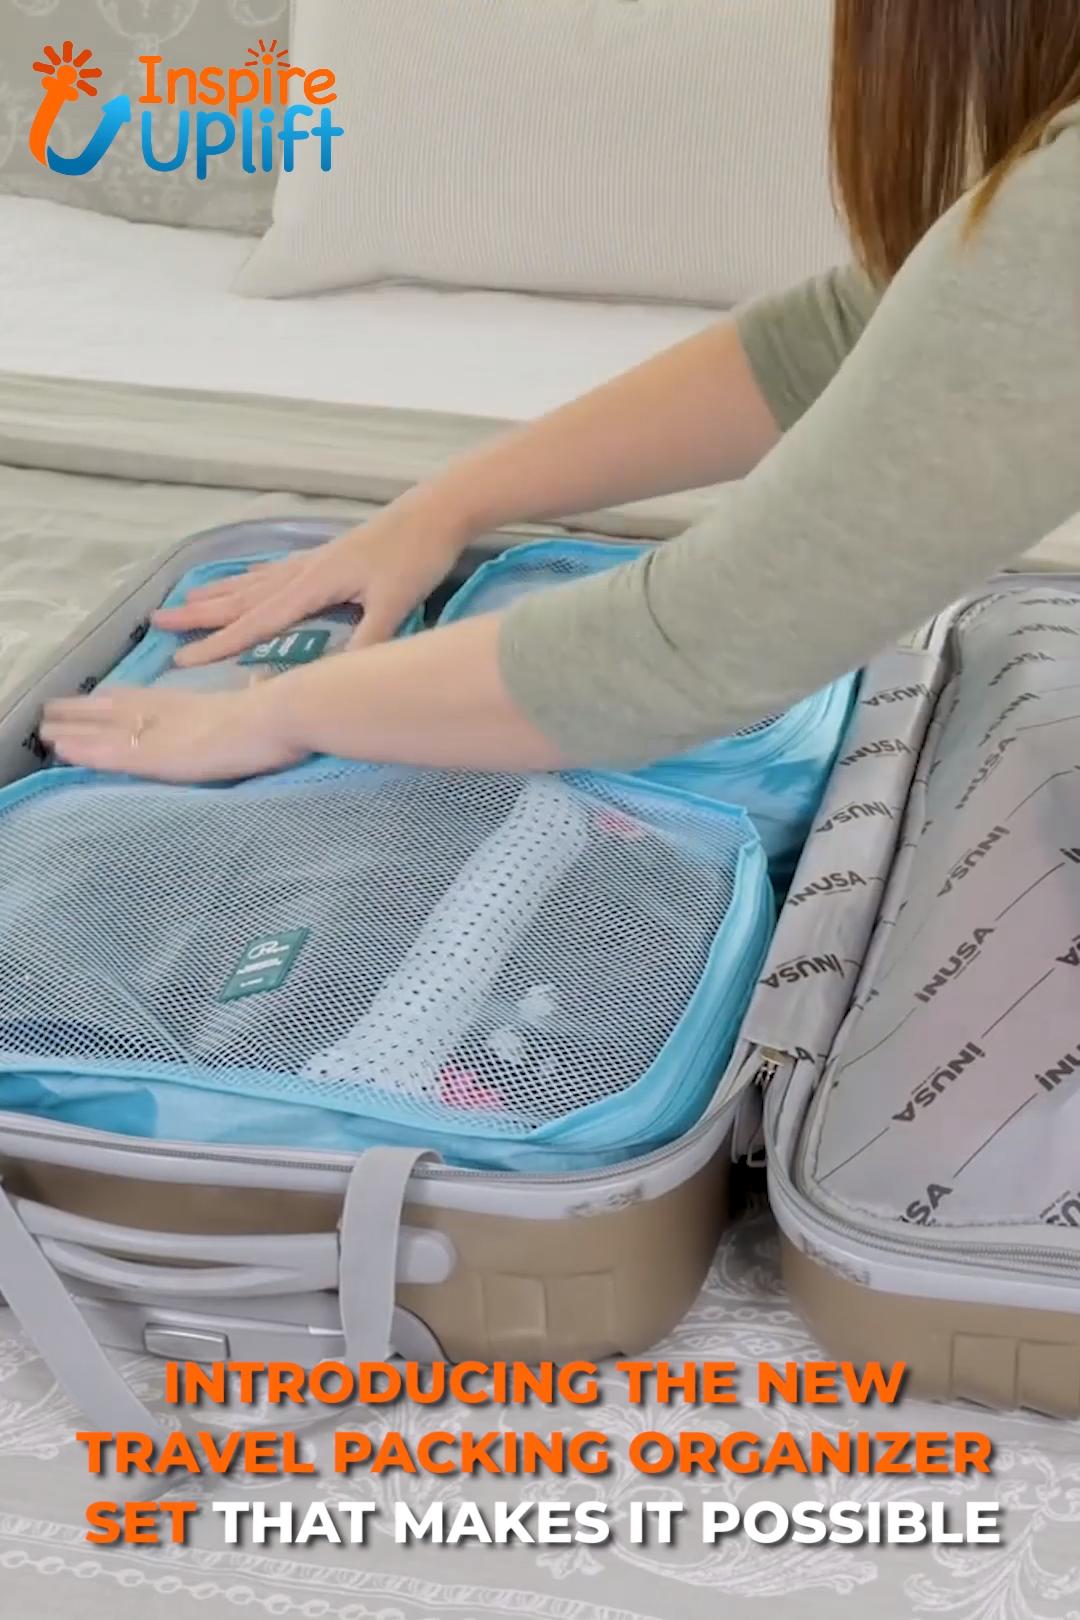 Travel Packing Organizer Set 😍 InspireUplift.com